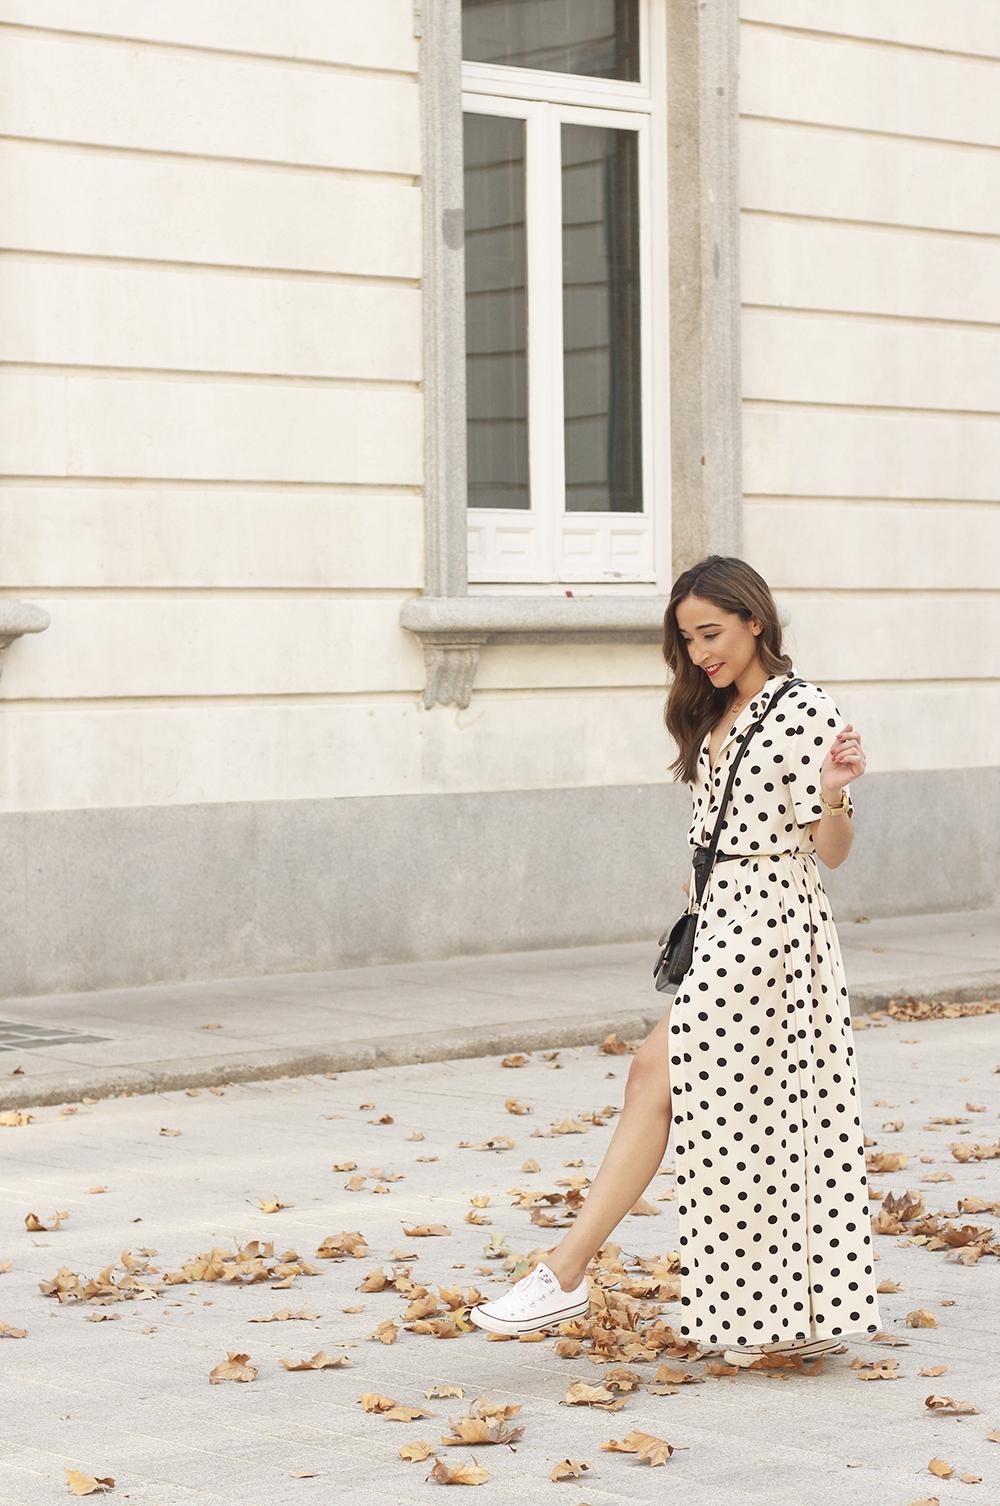 Maxi dress polka dots uterqüe converse givenchy bag summer outfit summer04